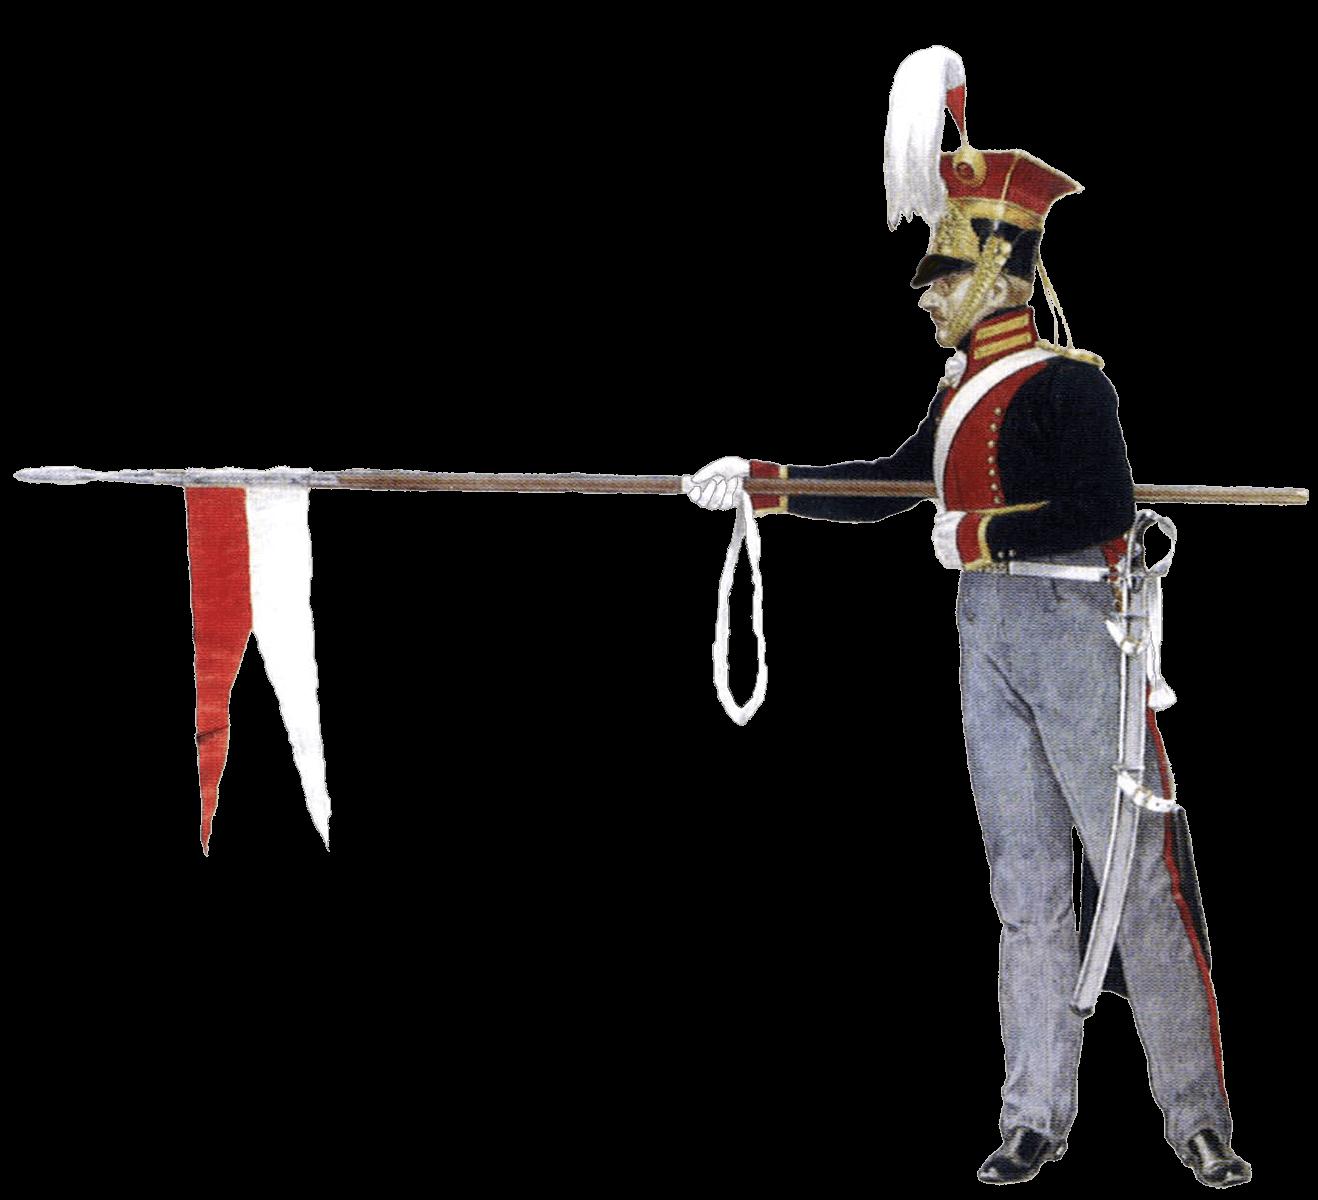 Рядовой 9 уланского полка, Балаклава, 1854 год.